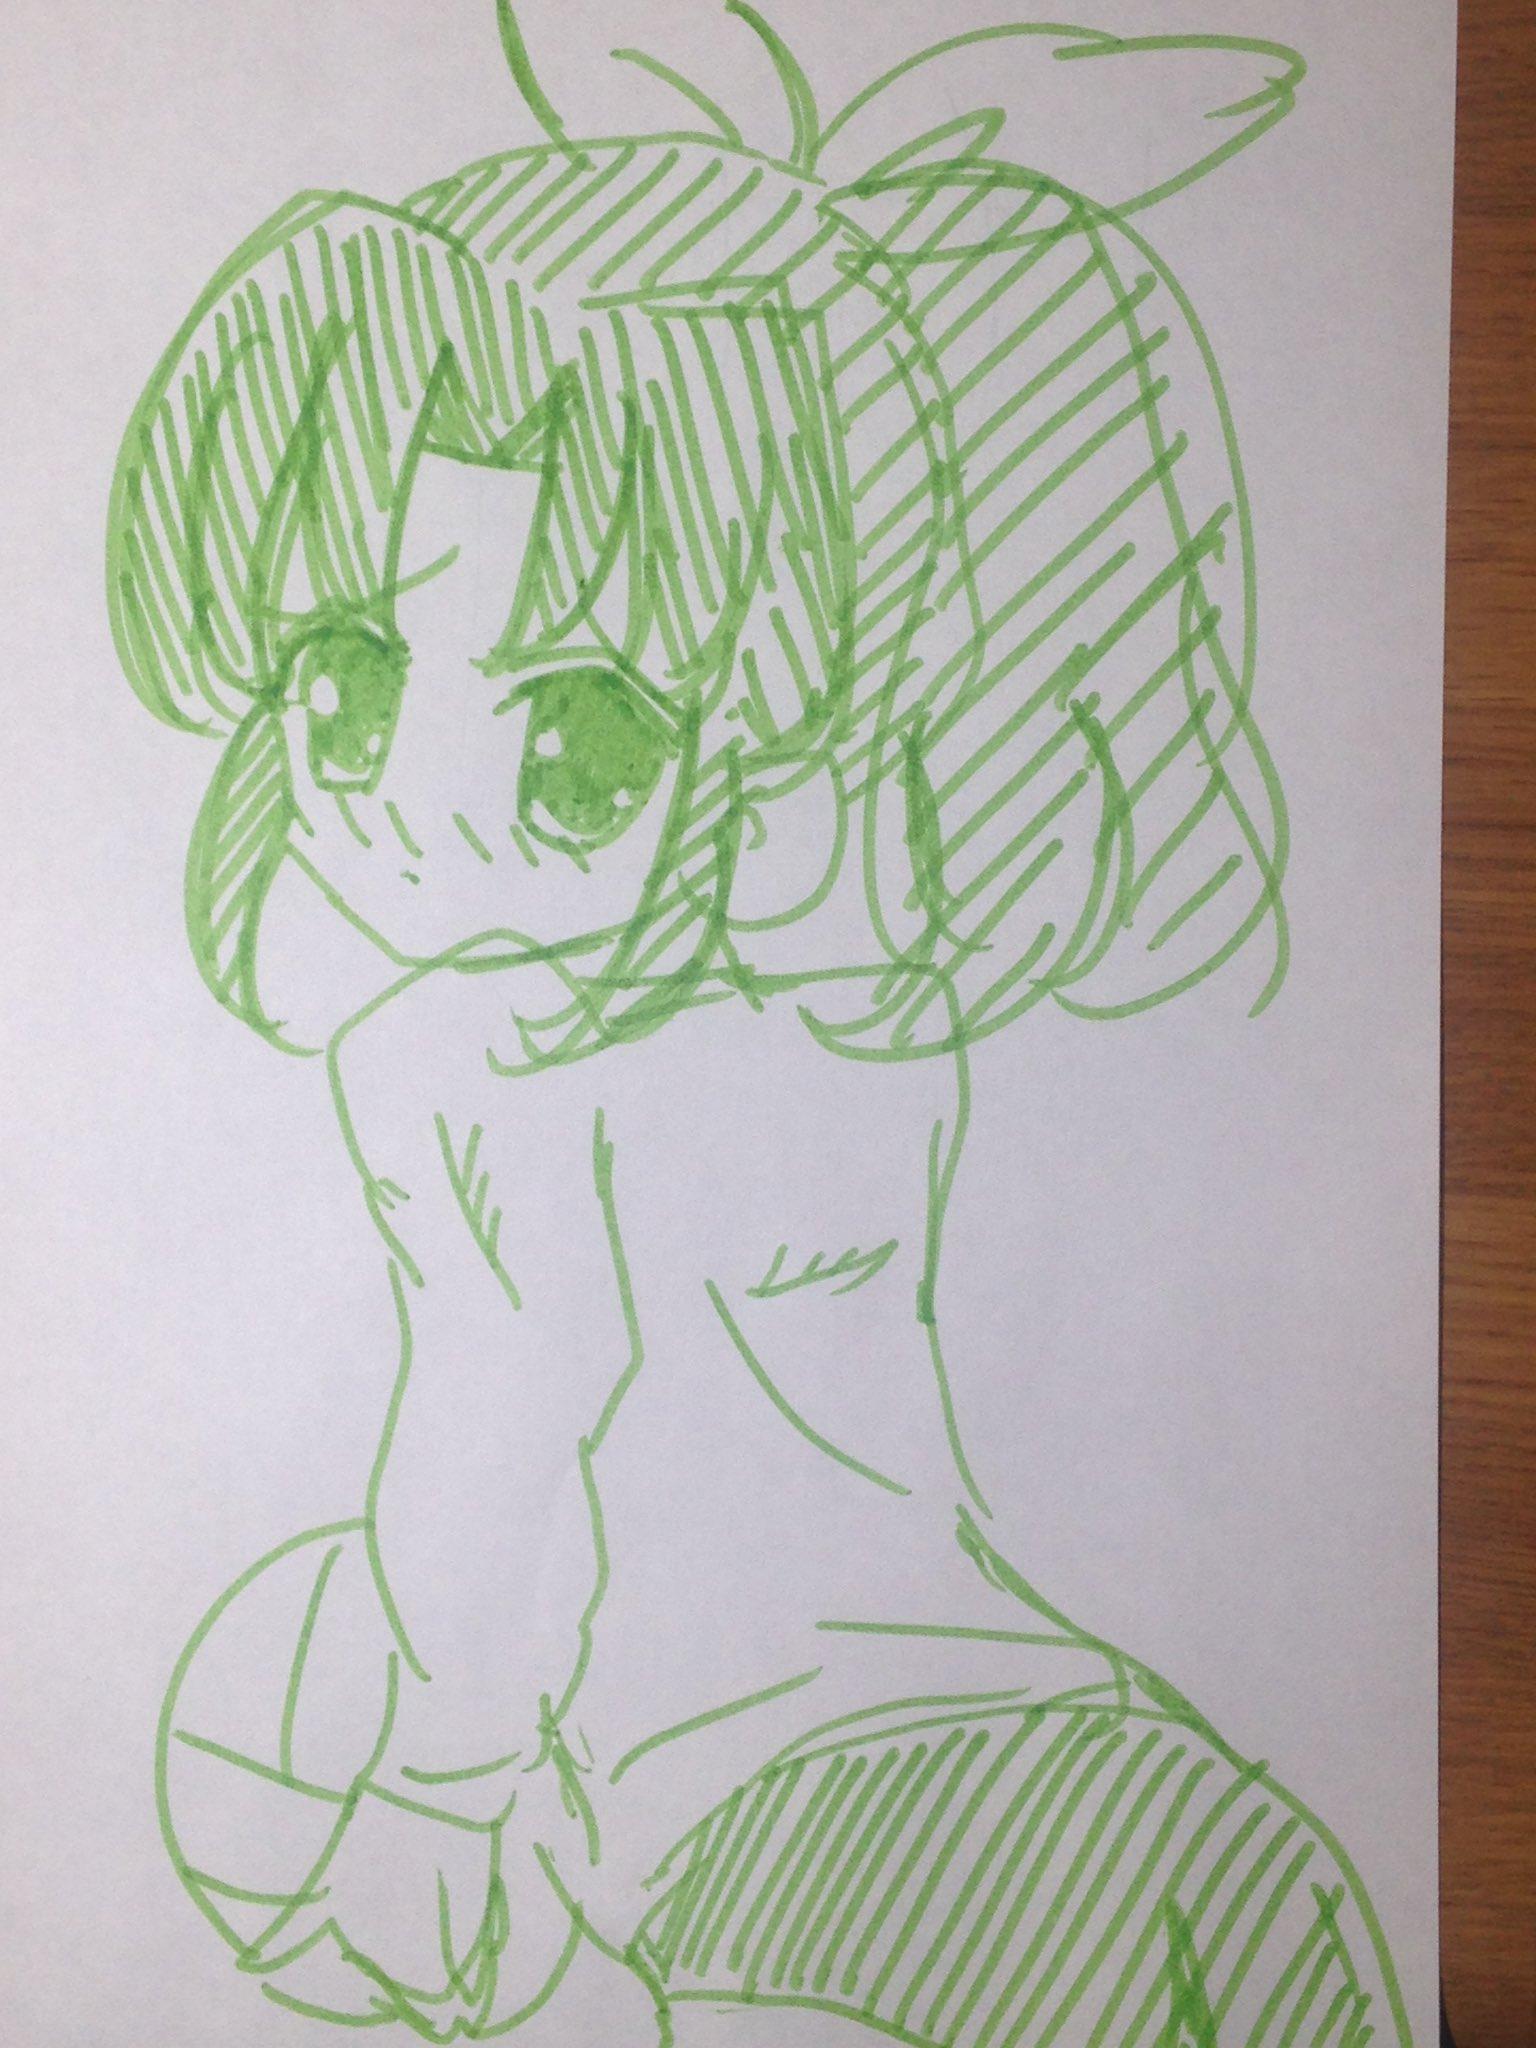 とりのはね (@torino_hane)さんのイラスト